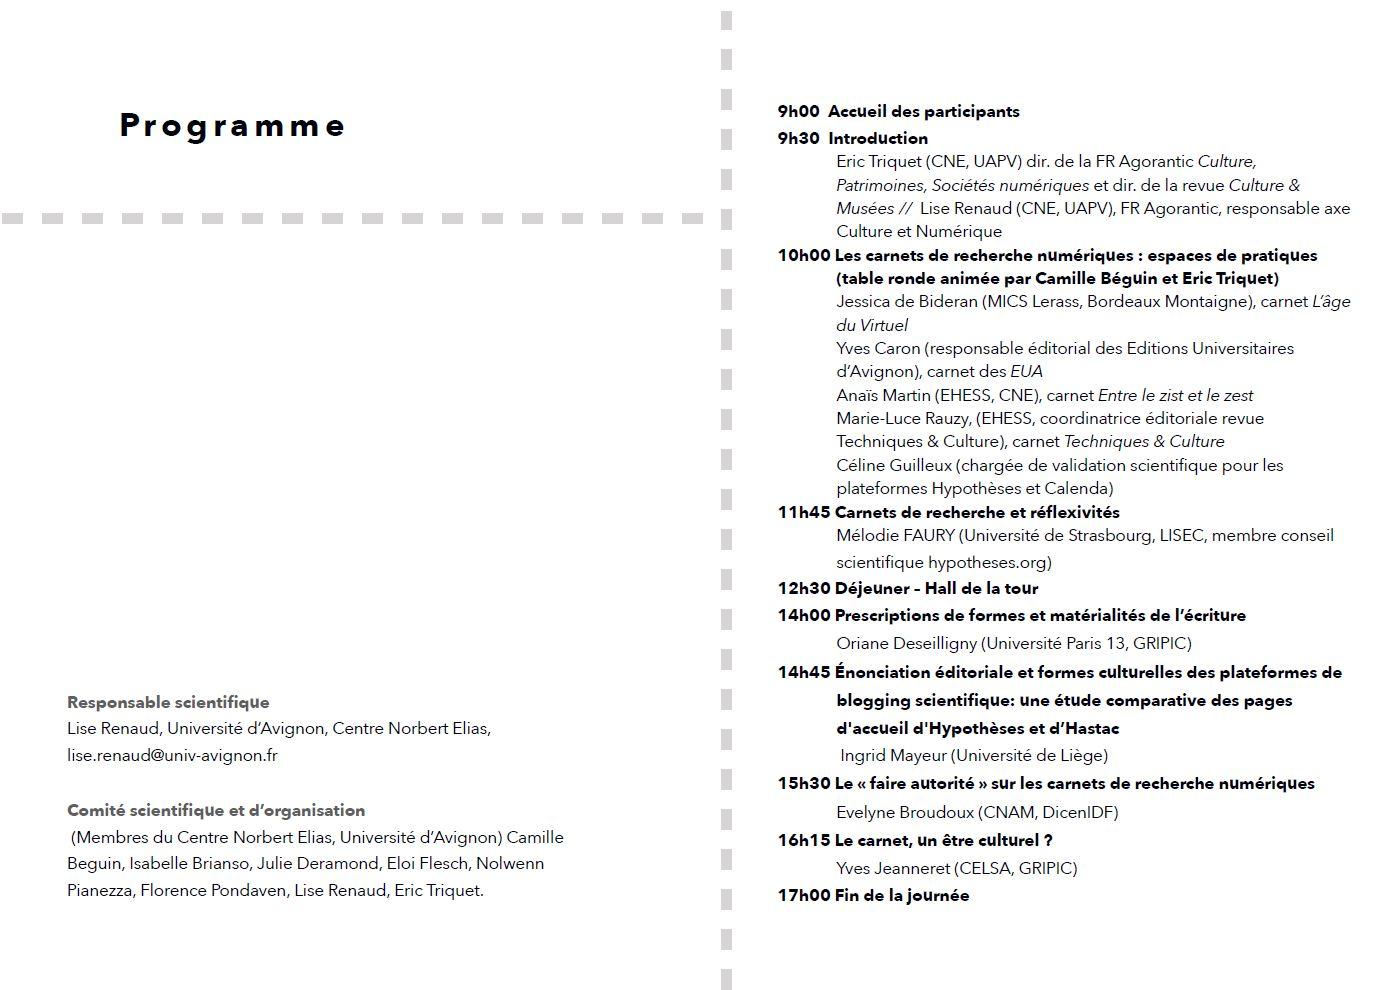 Image du programme du sémainre Carnet de recherche